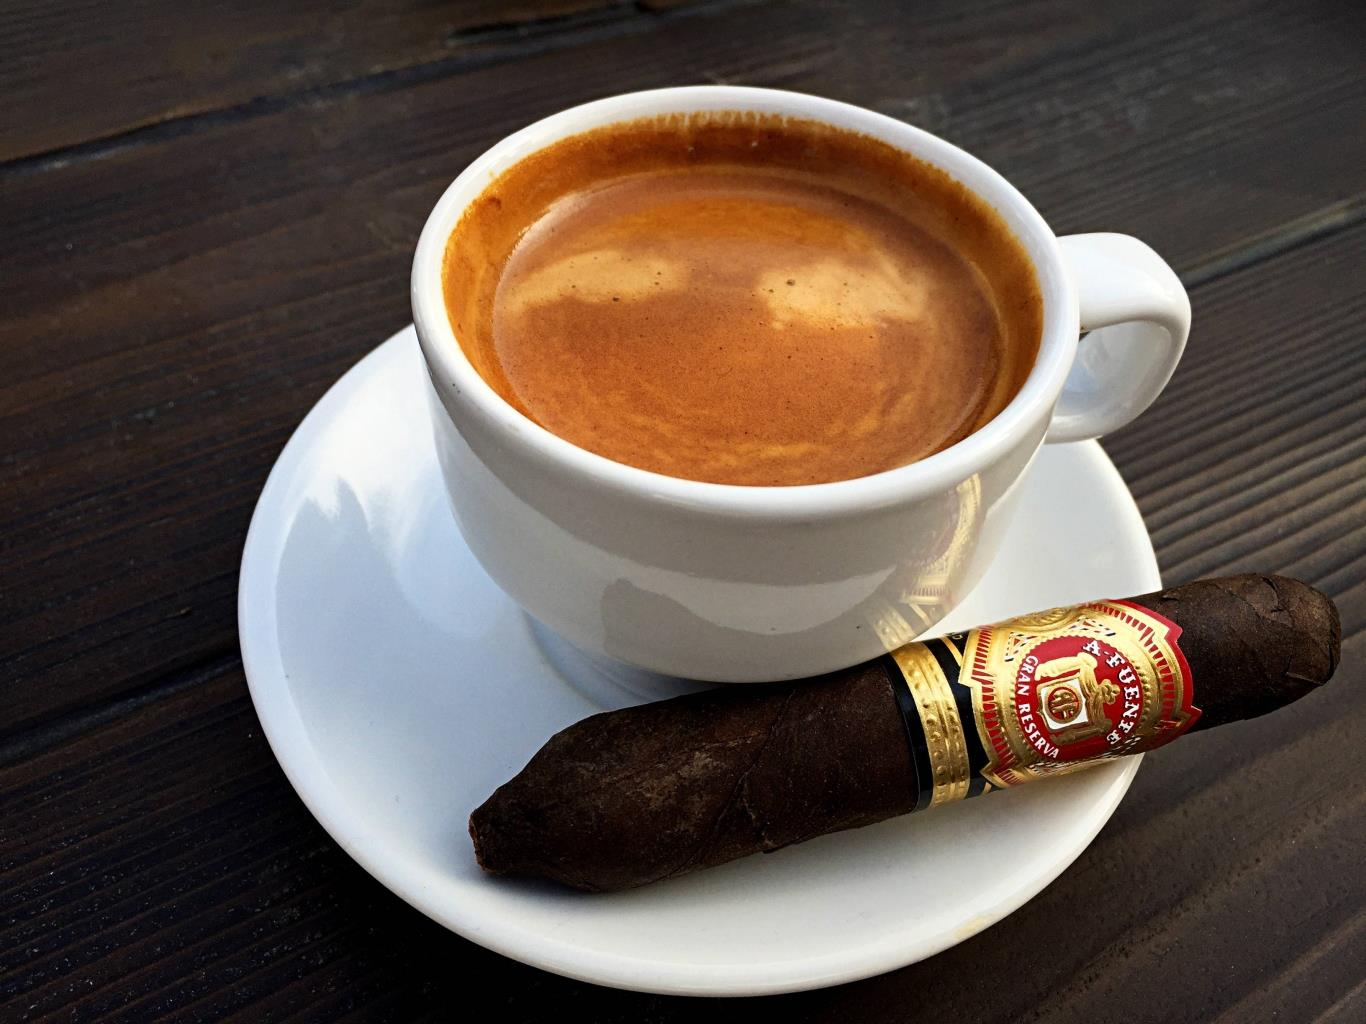 Cà phê sữa đá Việt Nam nằm trong top cà phê ngon nhất thế giới - Cà phê  nguyên chất